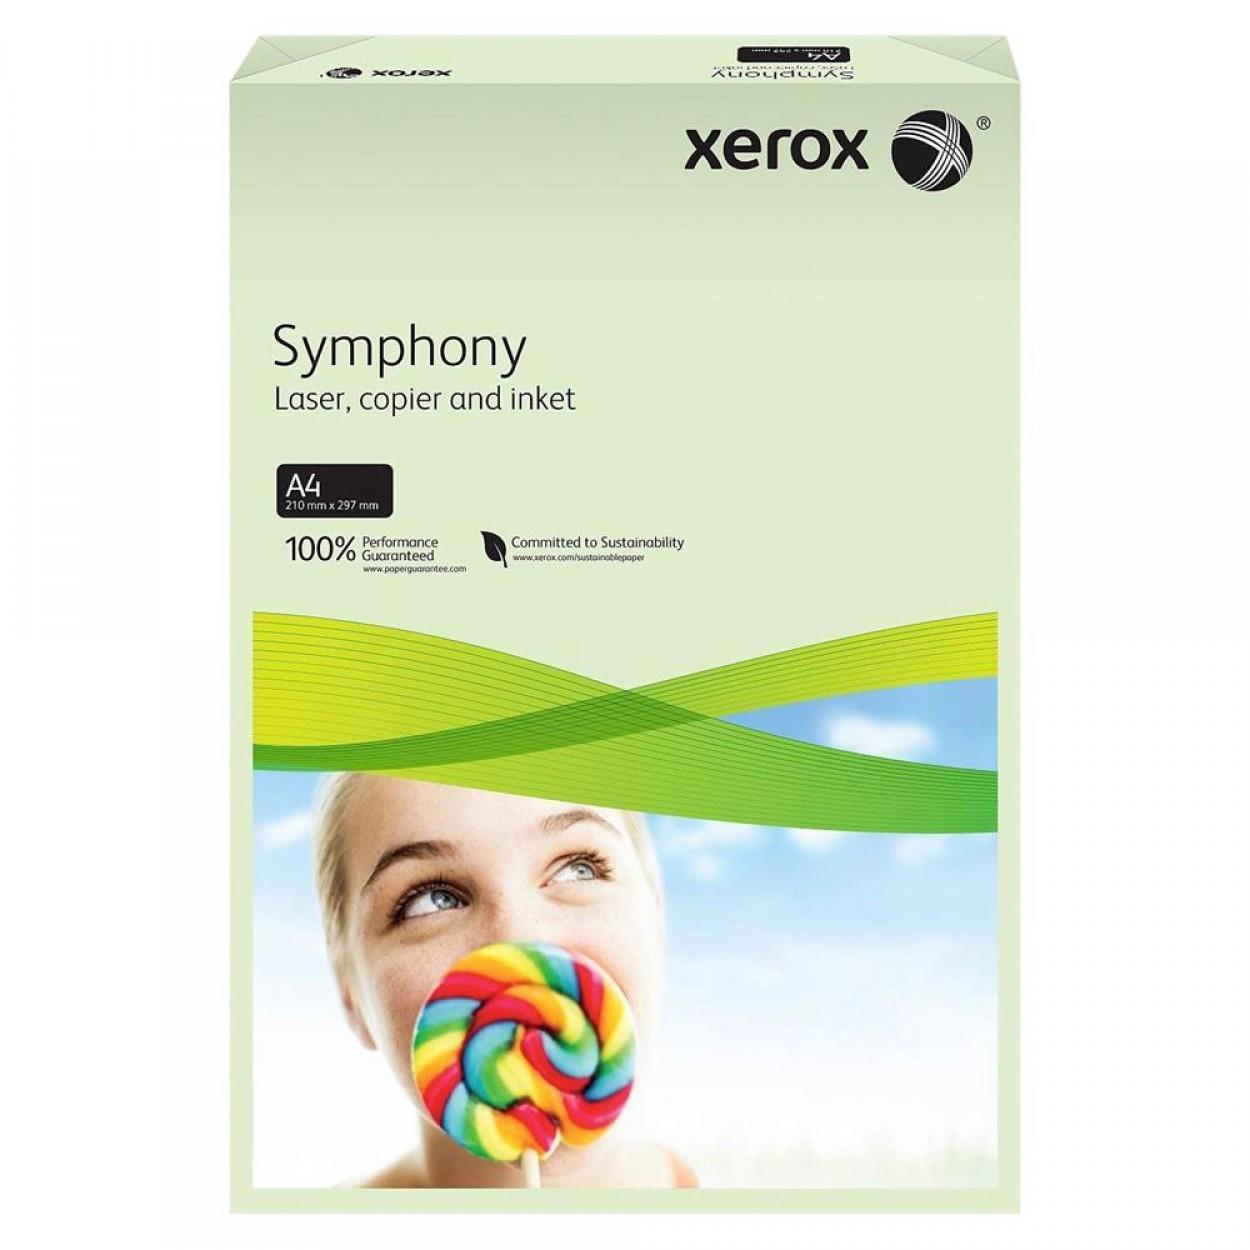 Xerox Symphony Renkli A4 Fotokopi Kağıdı 80 gr 500'lü Açık Yeşil